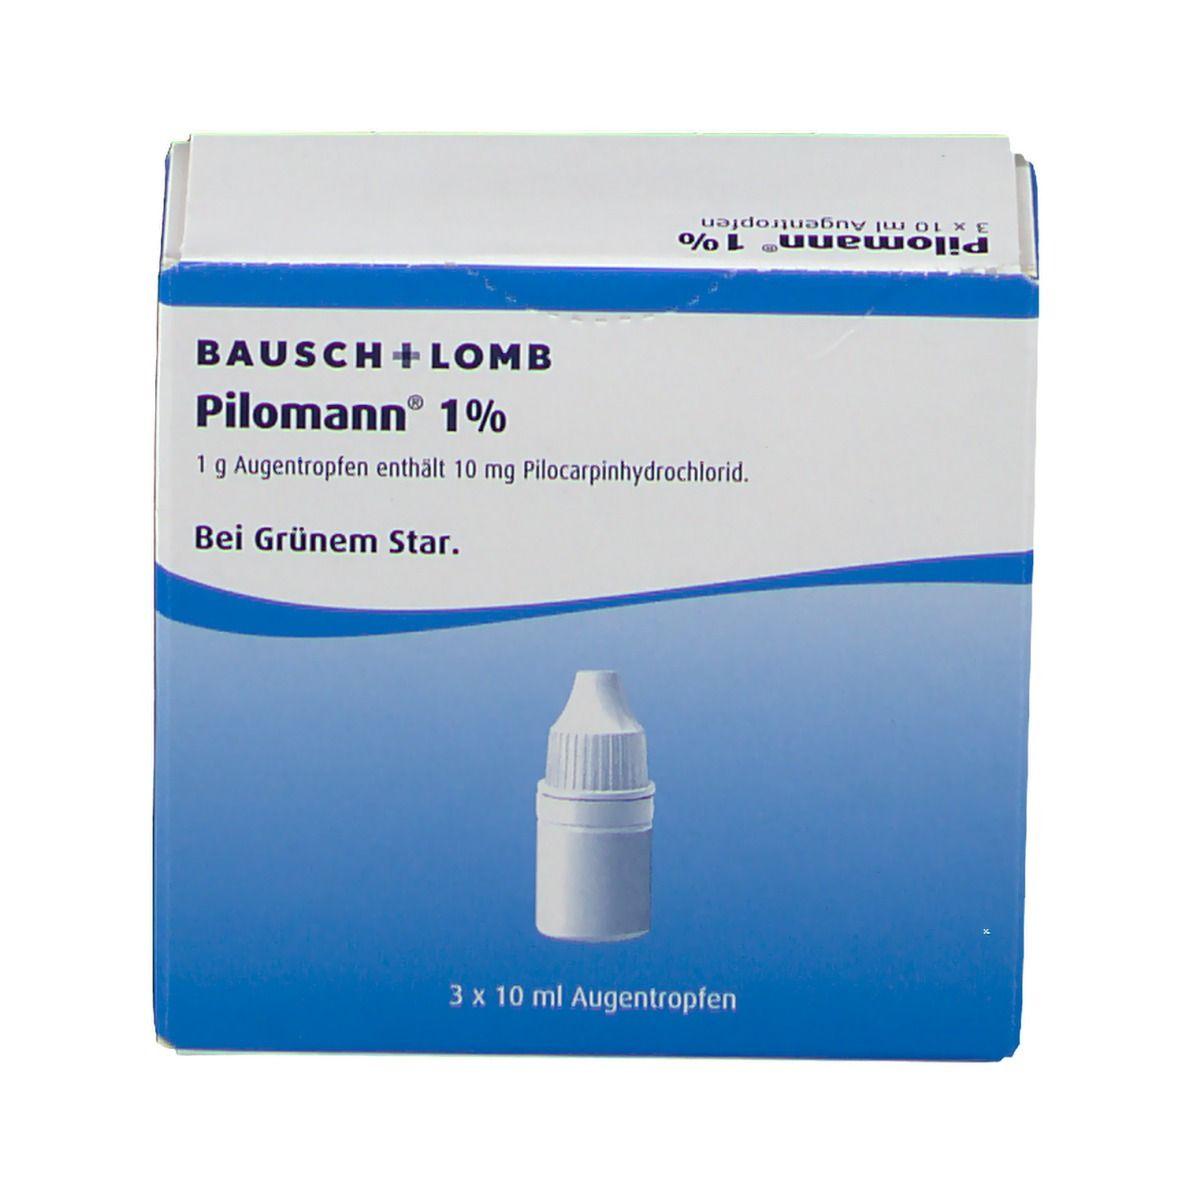 Pilomann 1% Augentropfen